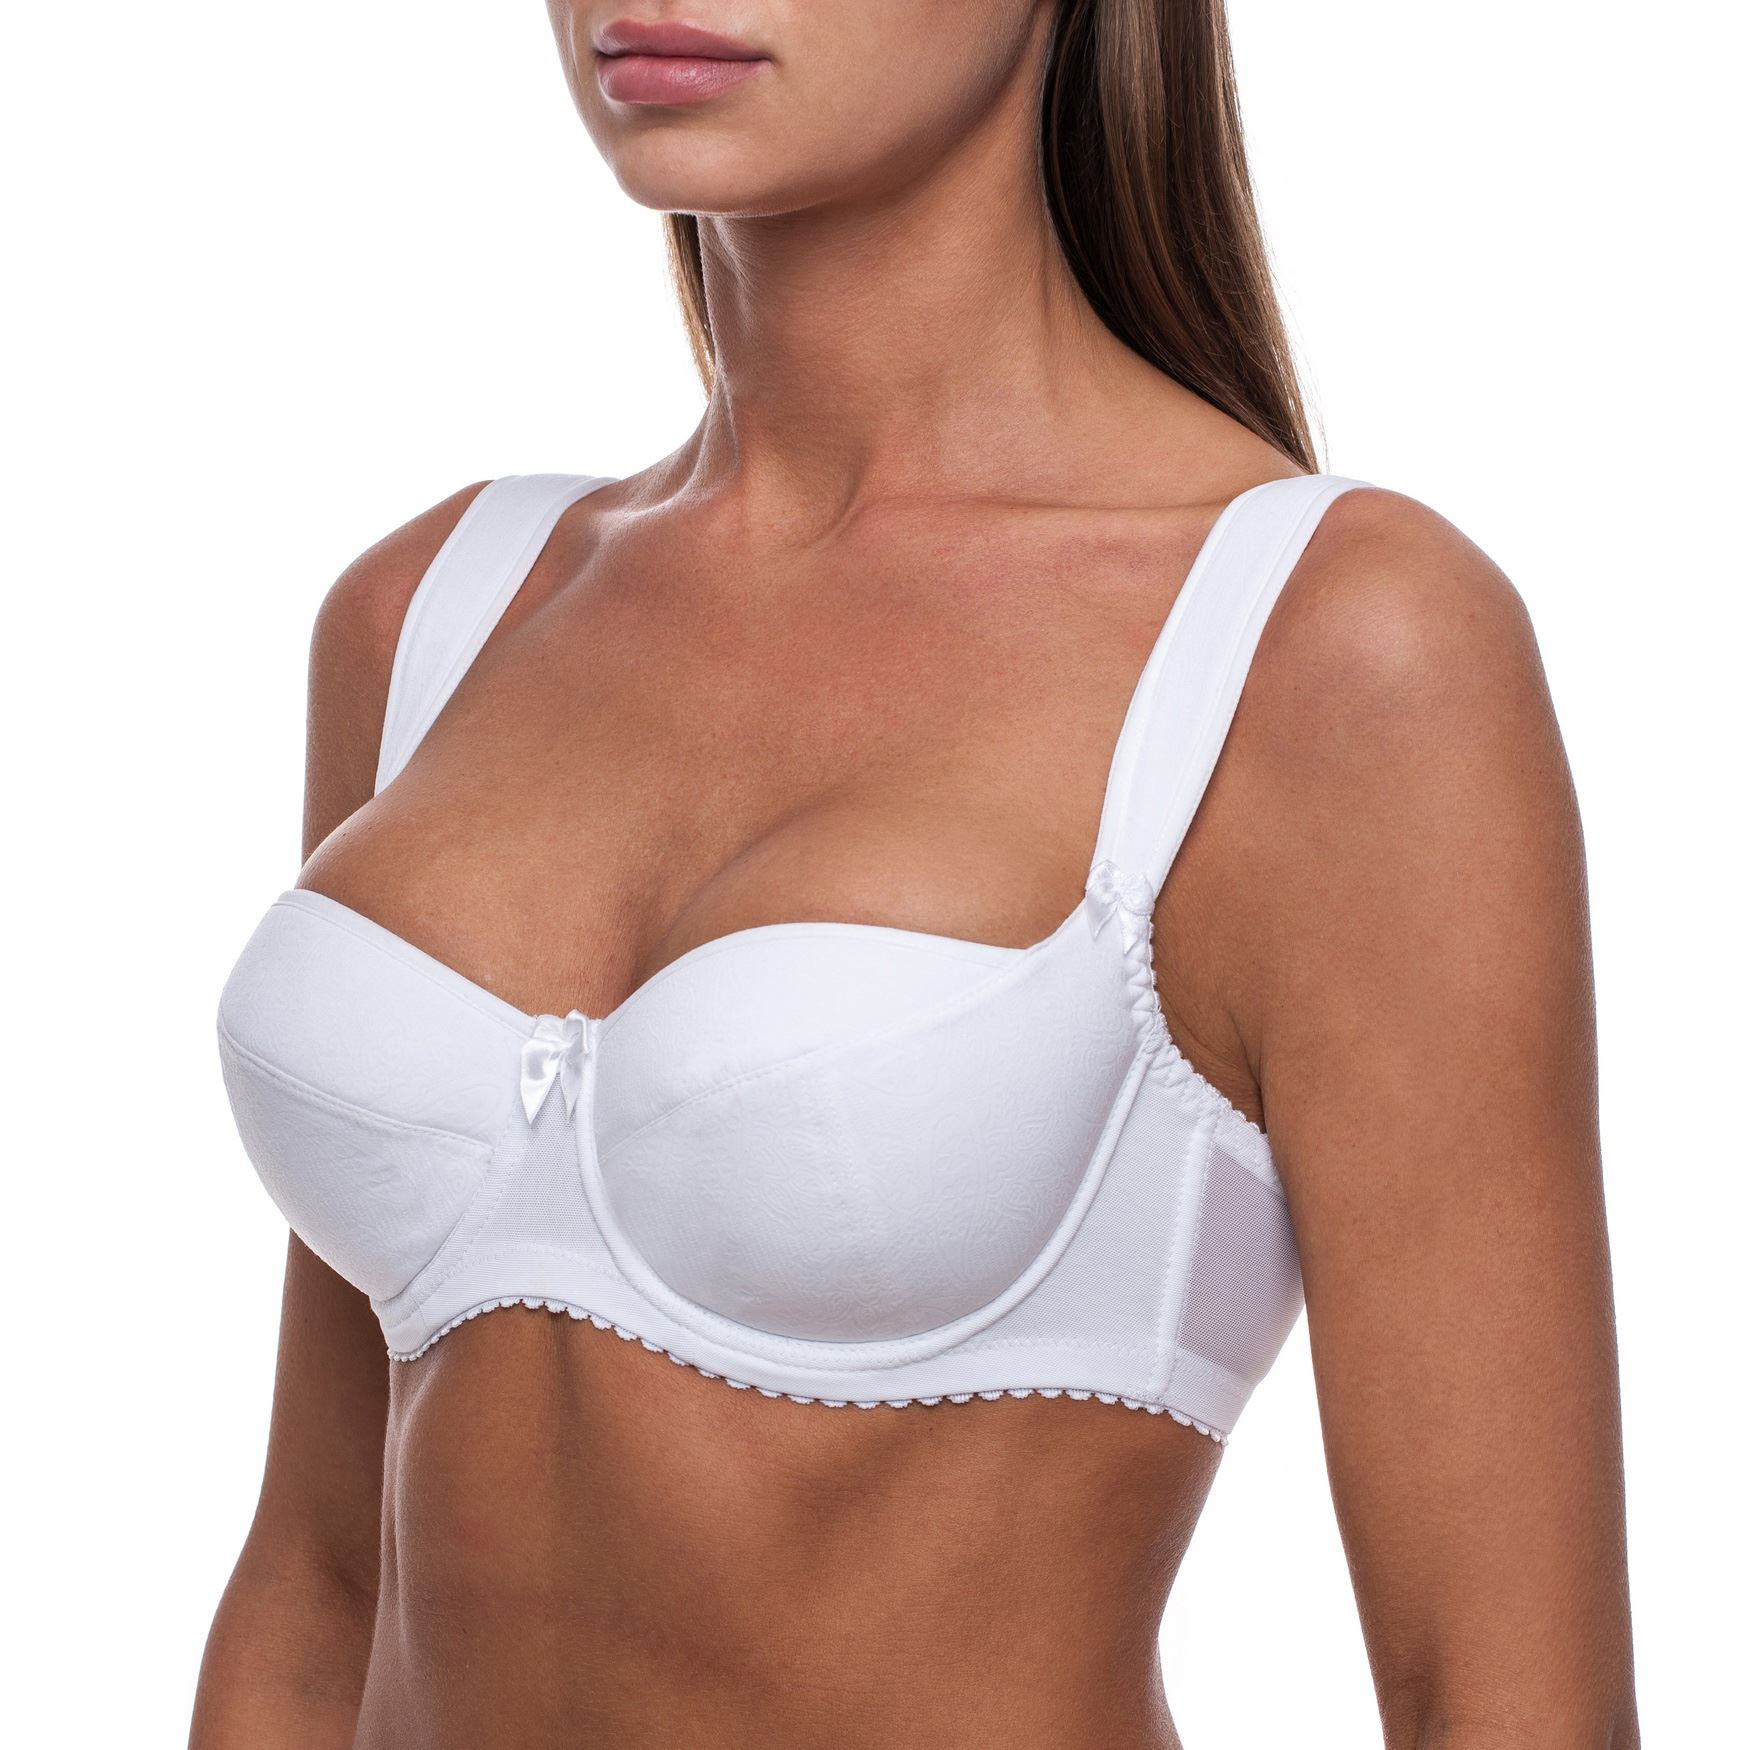 Sexy-Soutien-Gorge-Balconnet-Femmes-Coussinet-Semi-rembourre-Avec-armatures